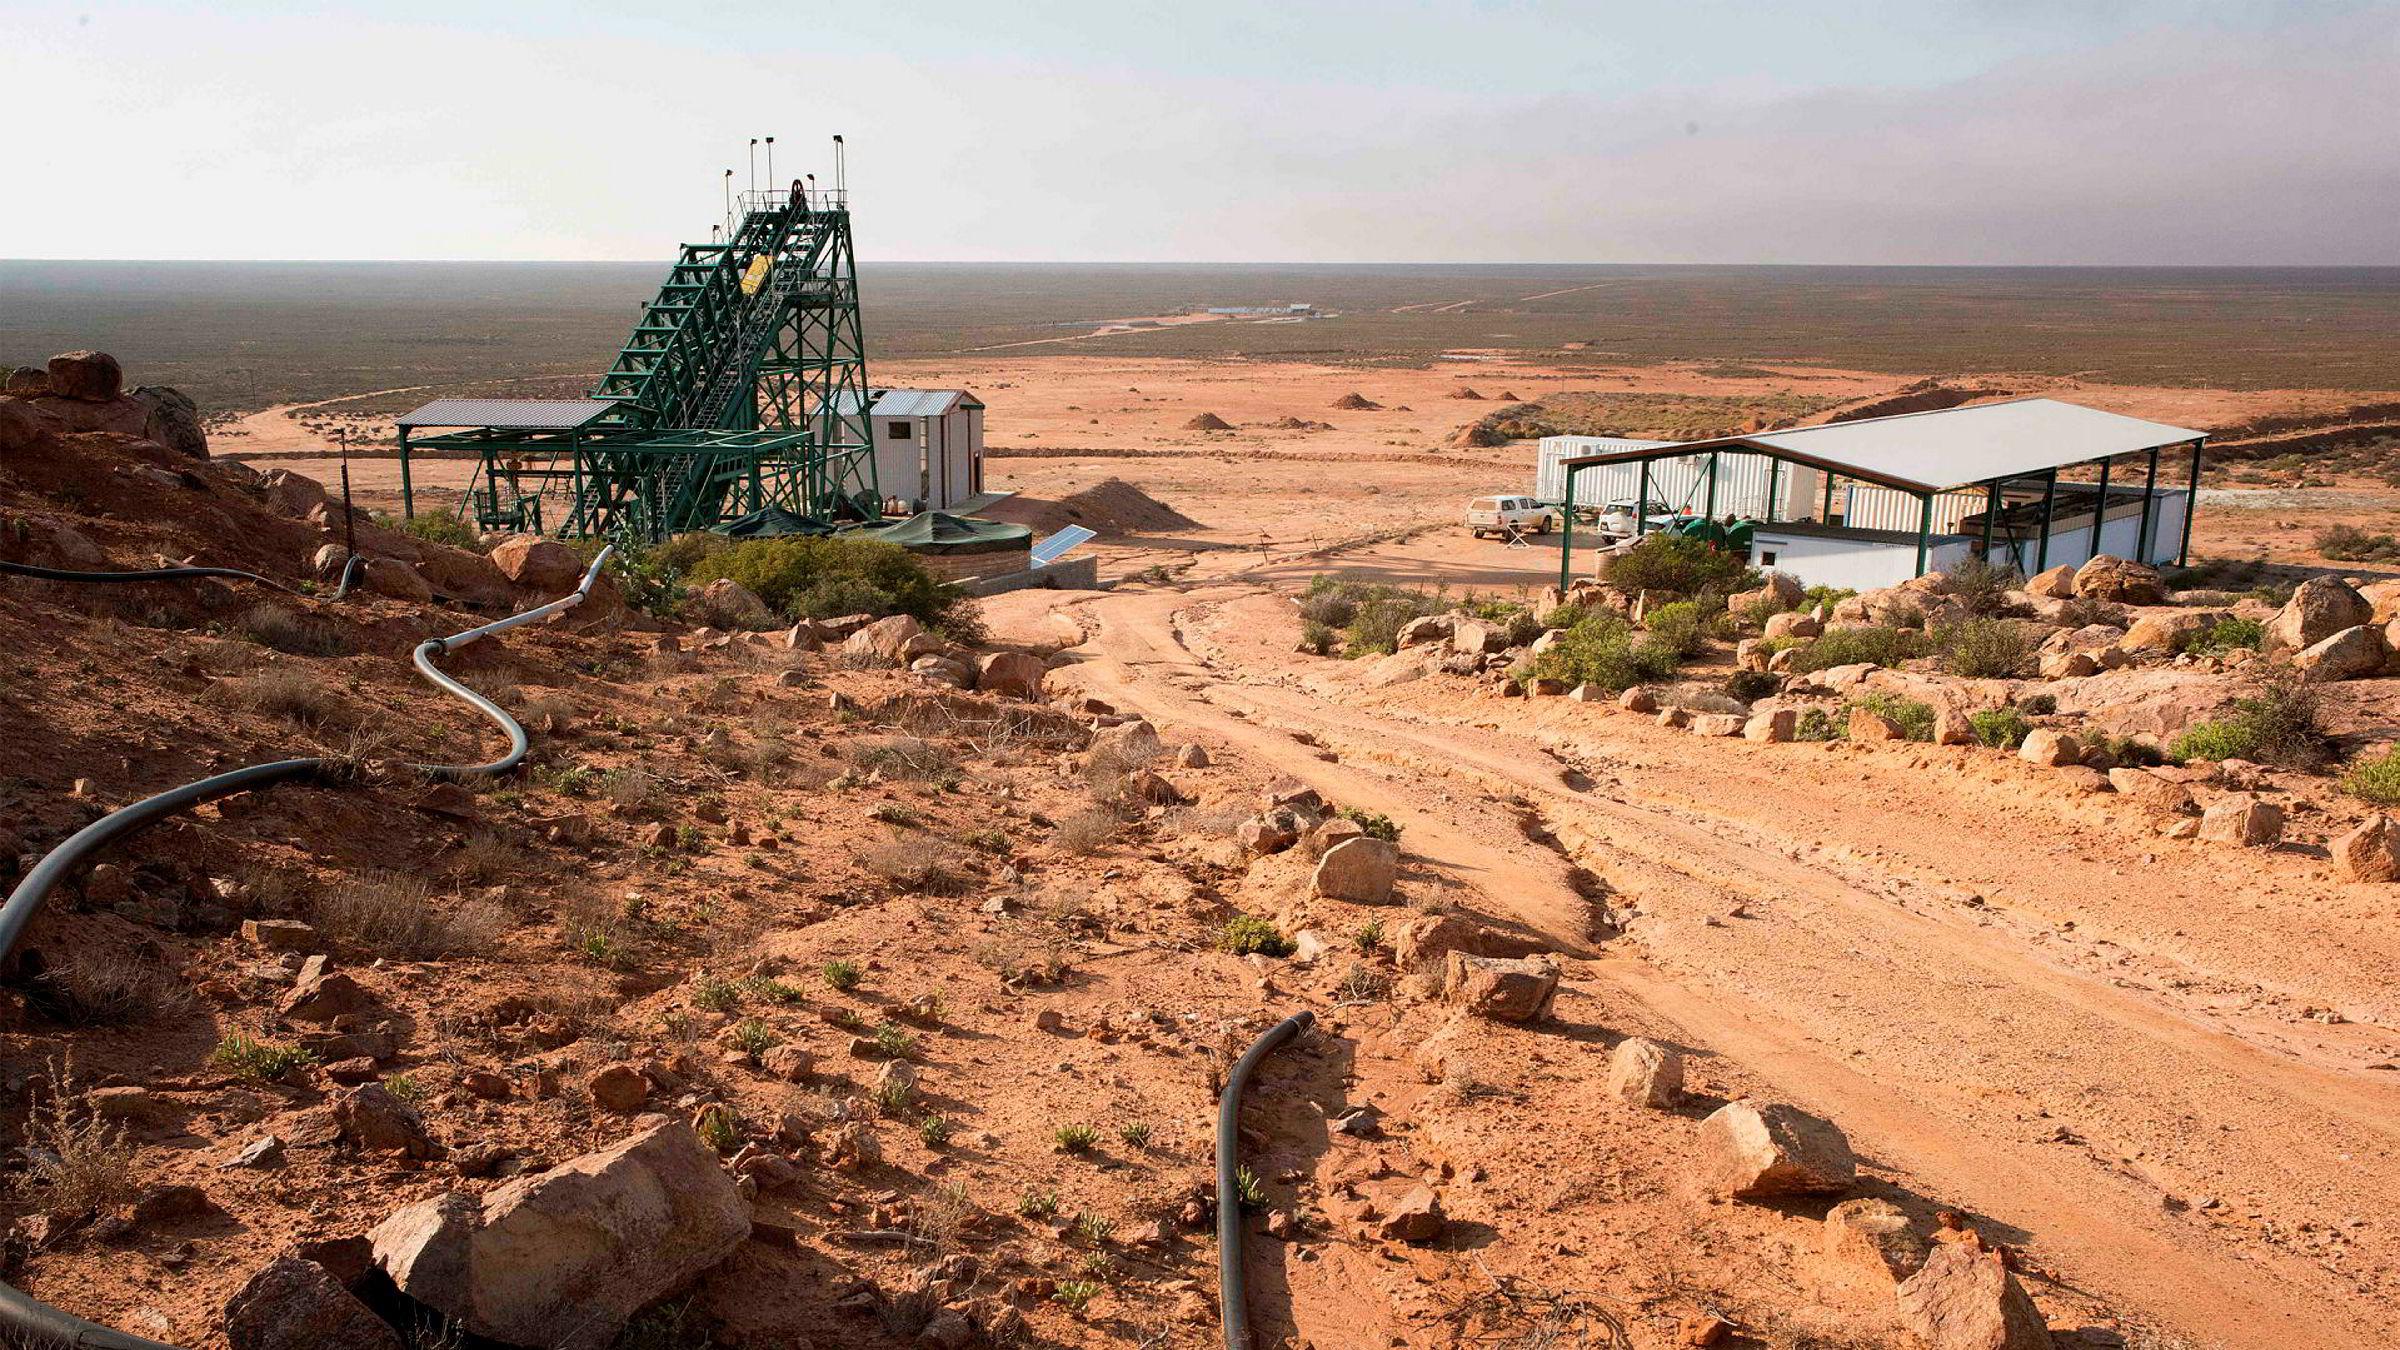 Geologiske ressurser er per definisjon ikke-fornybare og de er også begrensede, skriver artikkelforfatterne. Her fra Steenkampskraal-gruven i Sør-Afrika, som har et stort antall sjeldne mineraler.